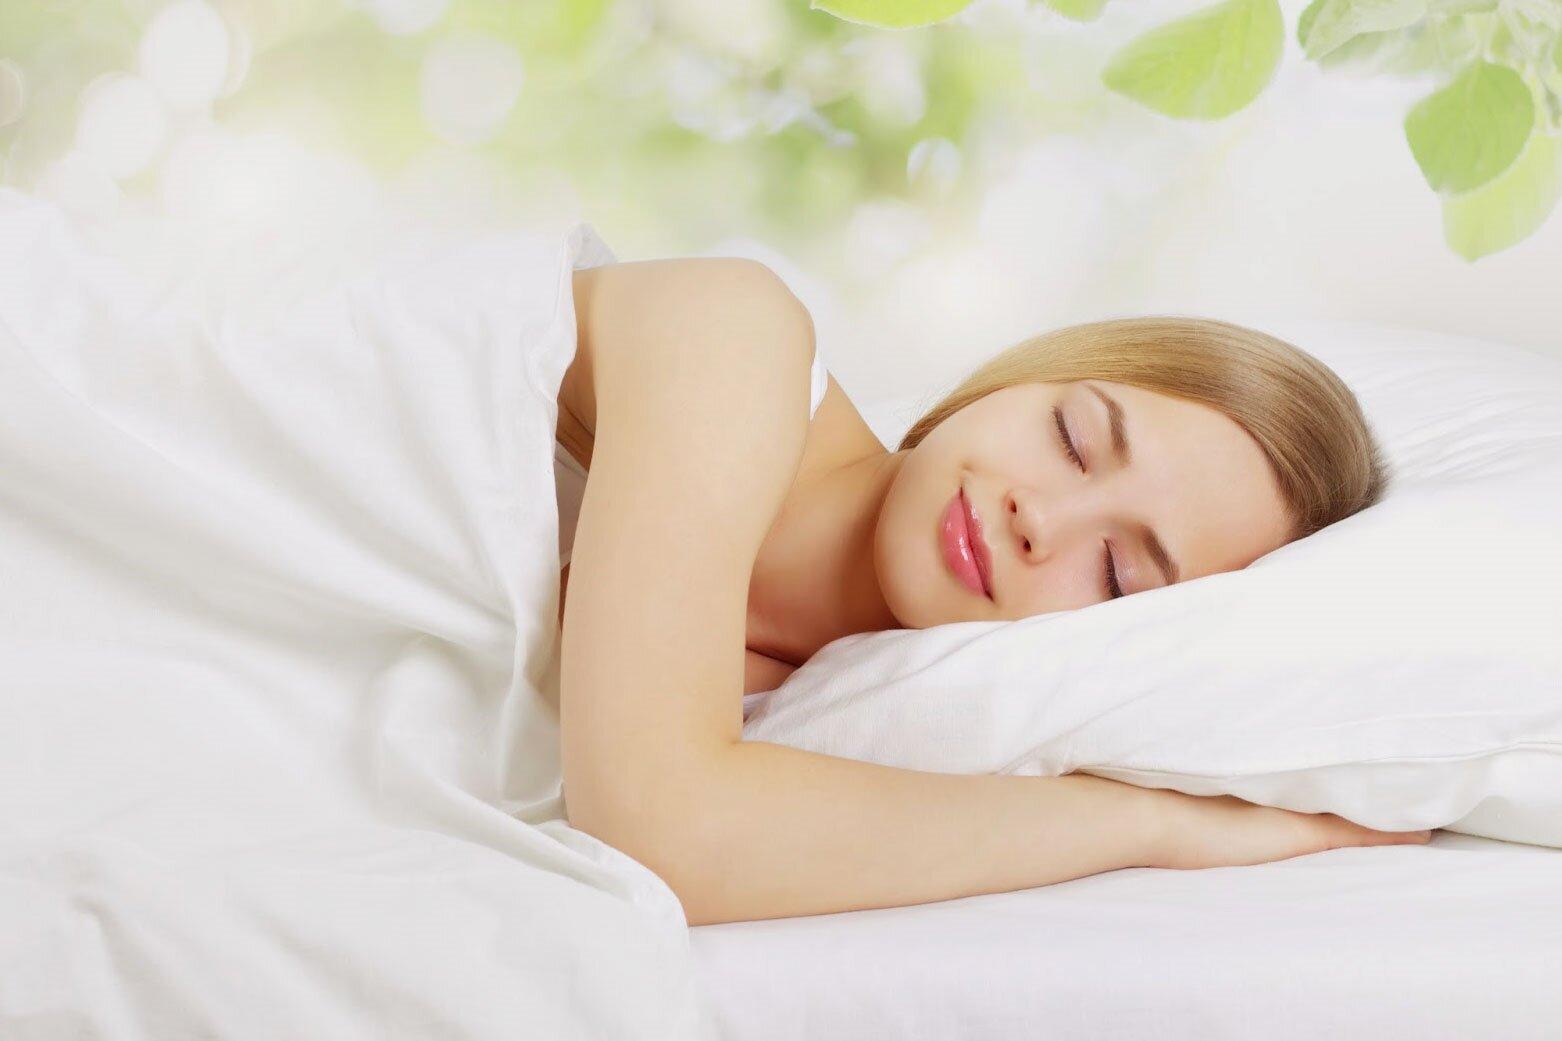 Nệm Vạn Thành mang lại cho bạn giấc ngủ ngon nhất